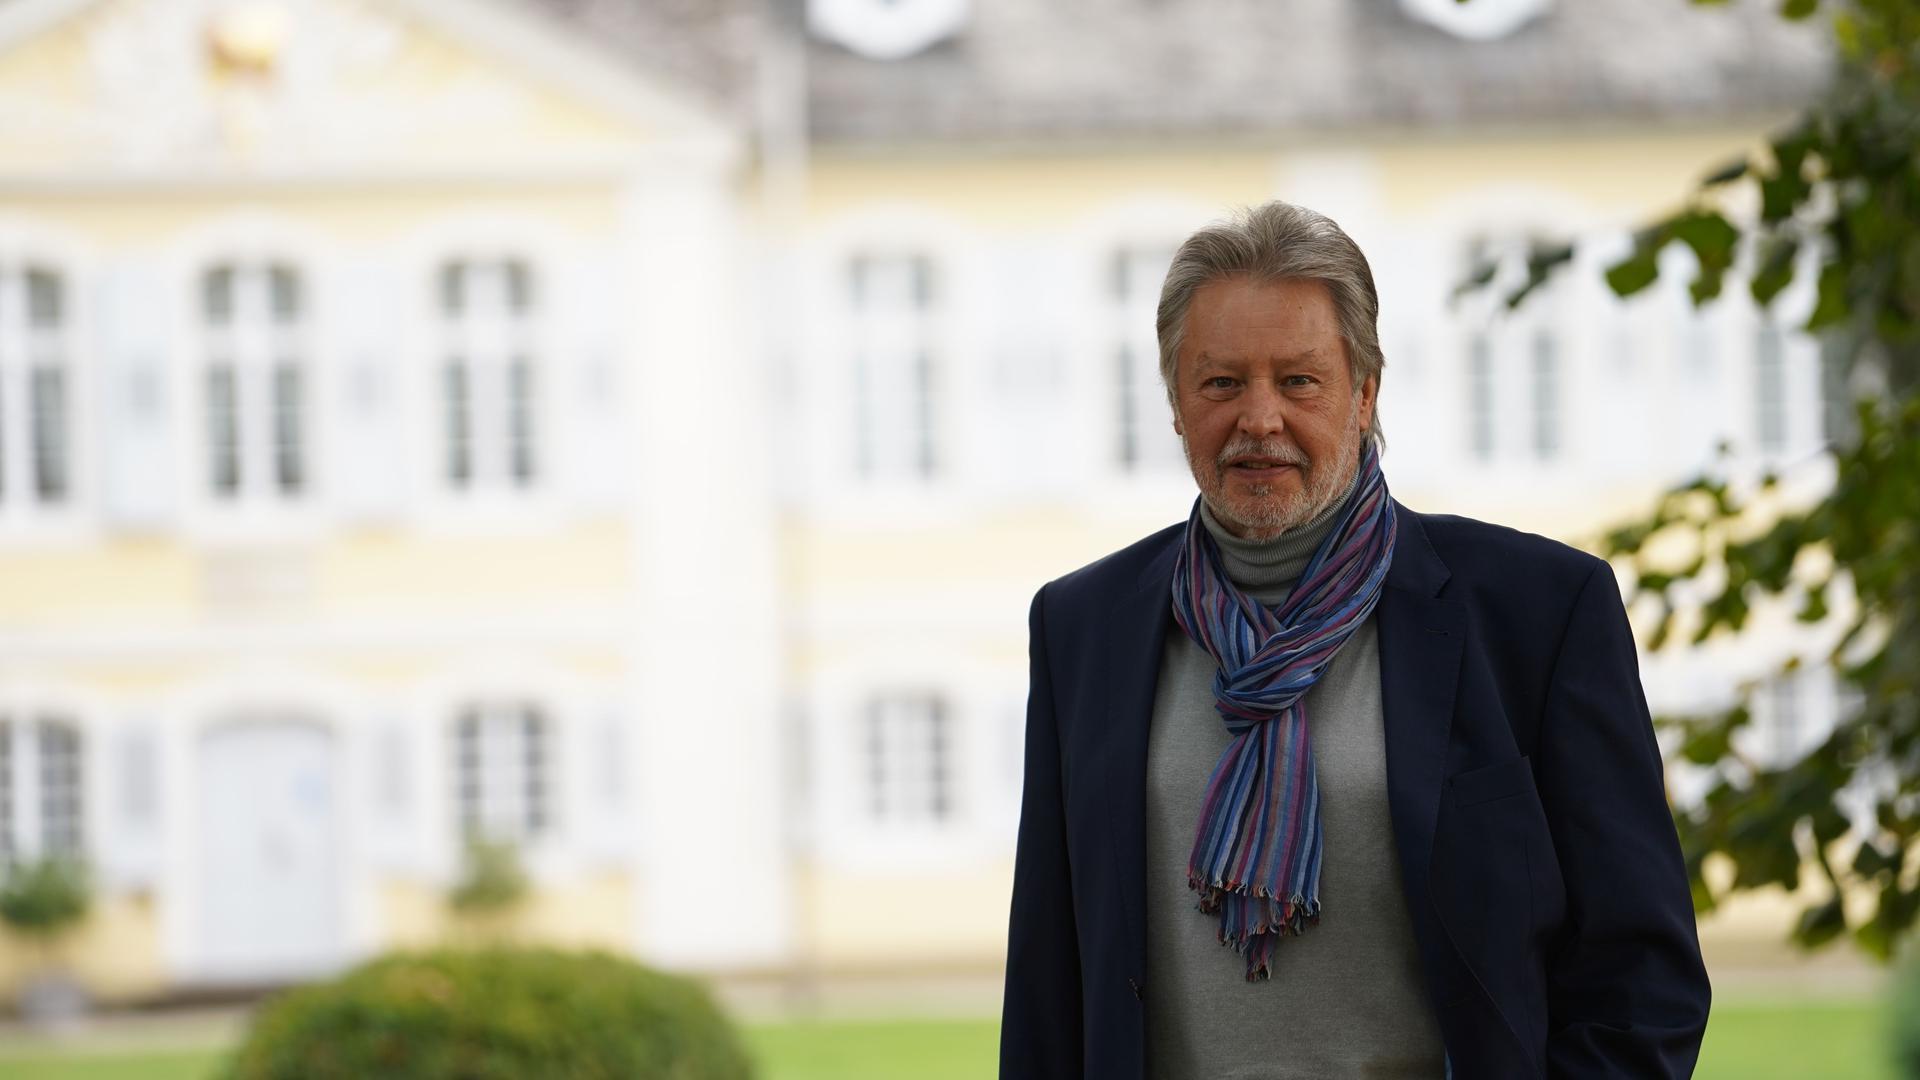 Mann vor Schlossgebäude